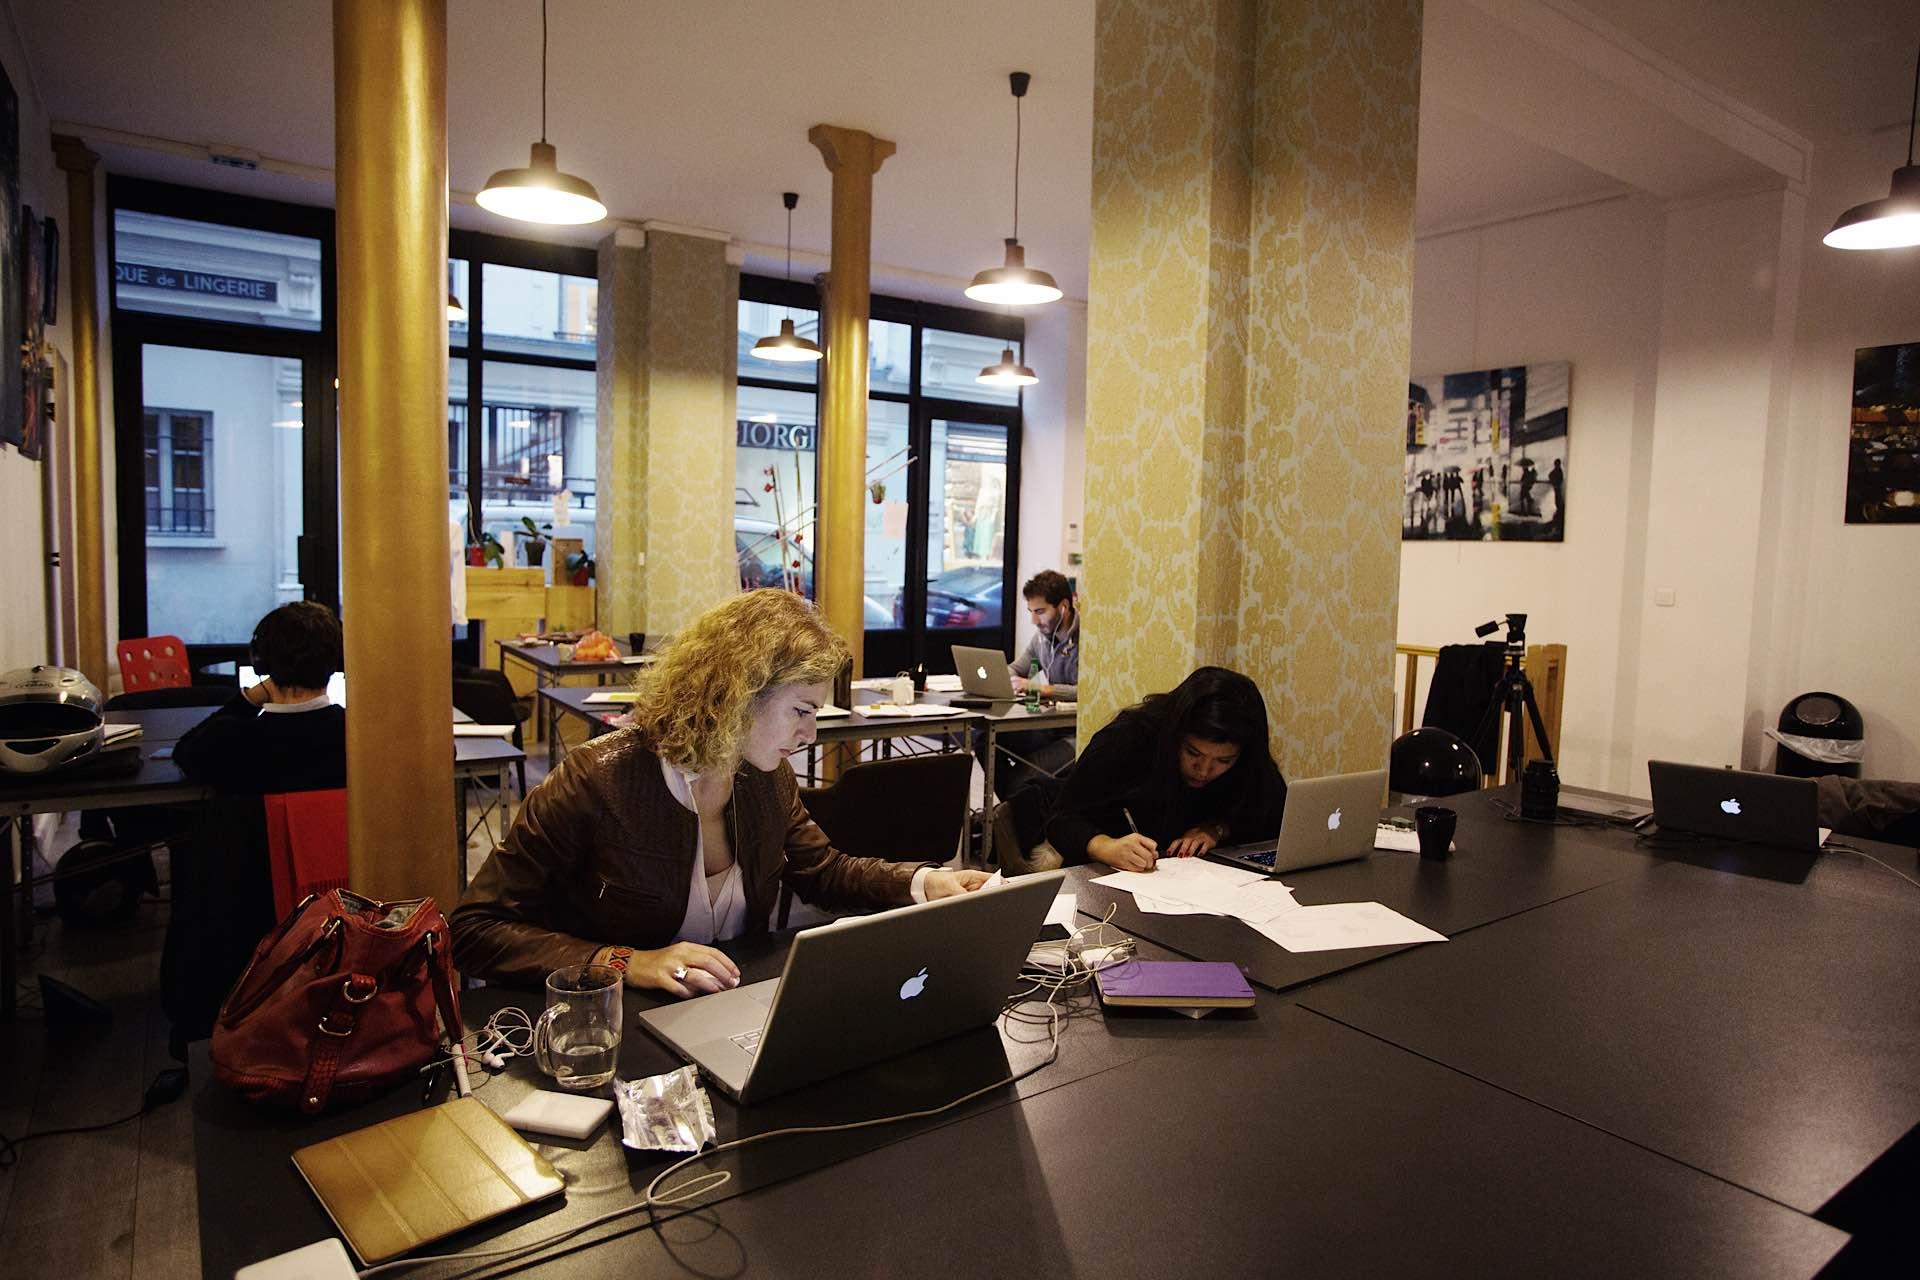 _3 Meilleur espace de coworking à Paris.jpg